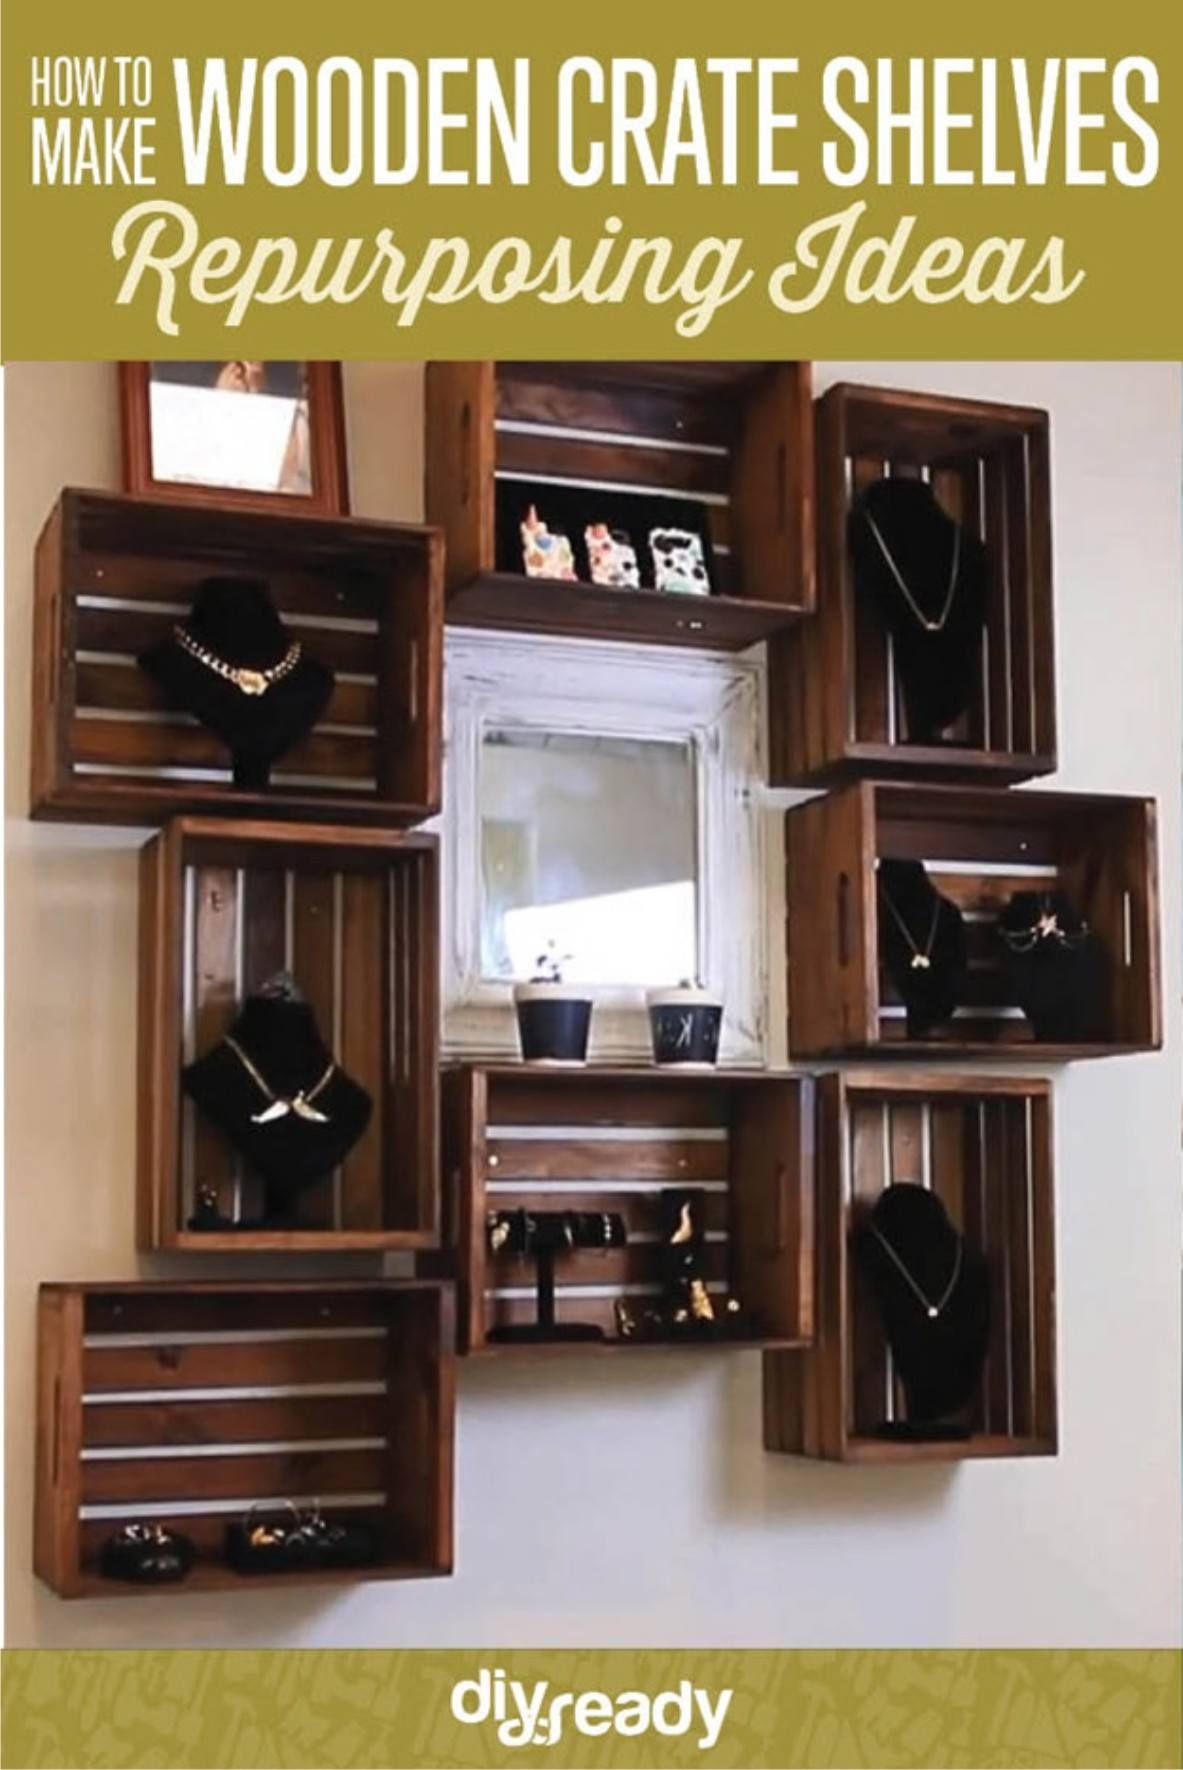 Ampli Tie Una Ingeniosa Corbata Caja De Madera Estanter As Y Cajas # Muebles Lufe Instrucciones